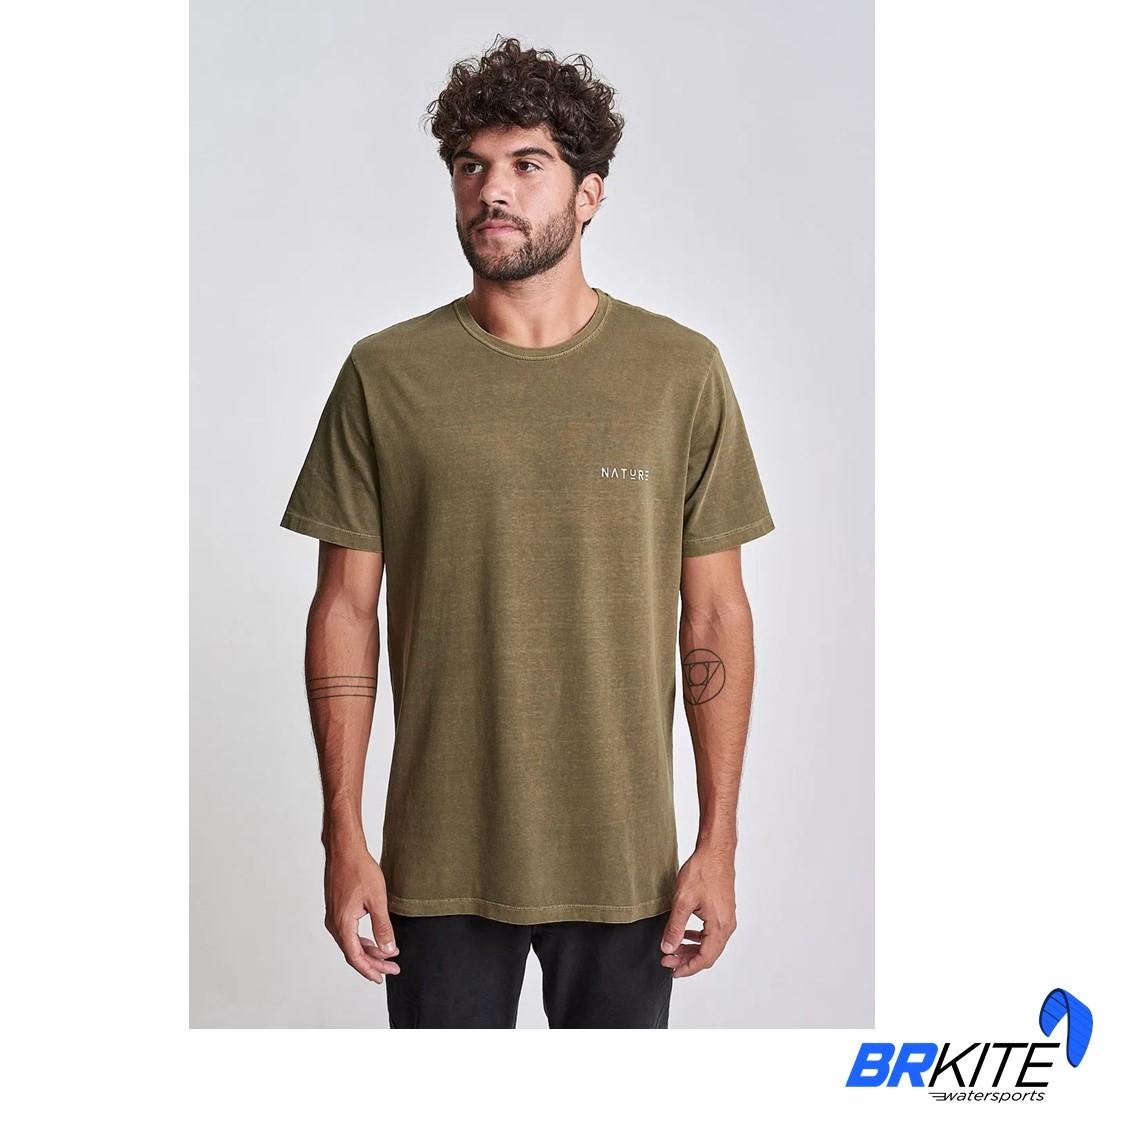 AUSTRAL - Camiseta Nature Verde Militar